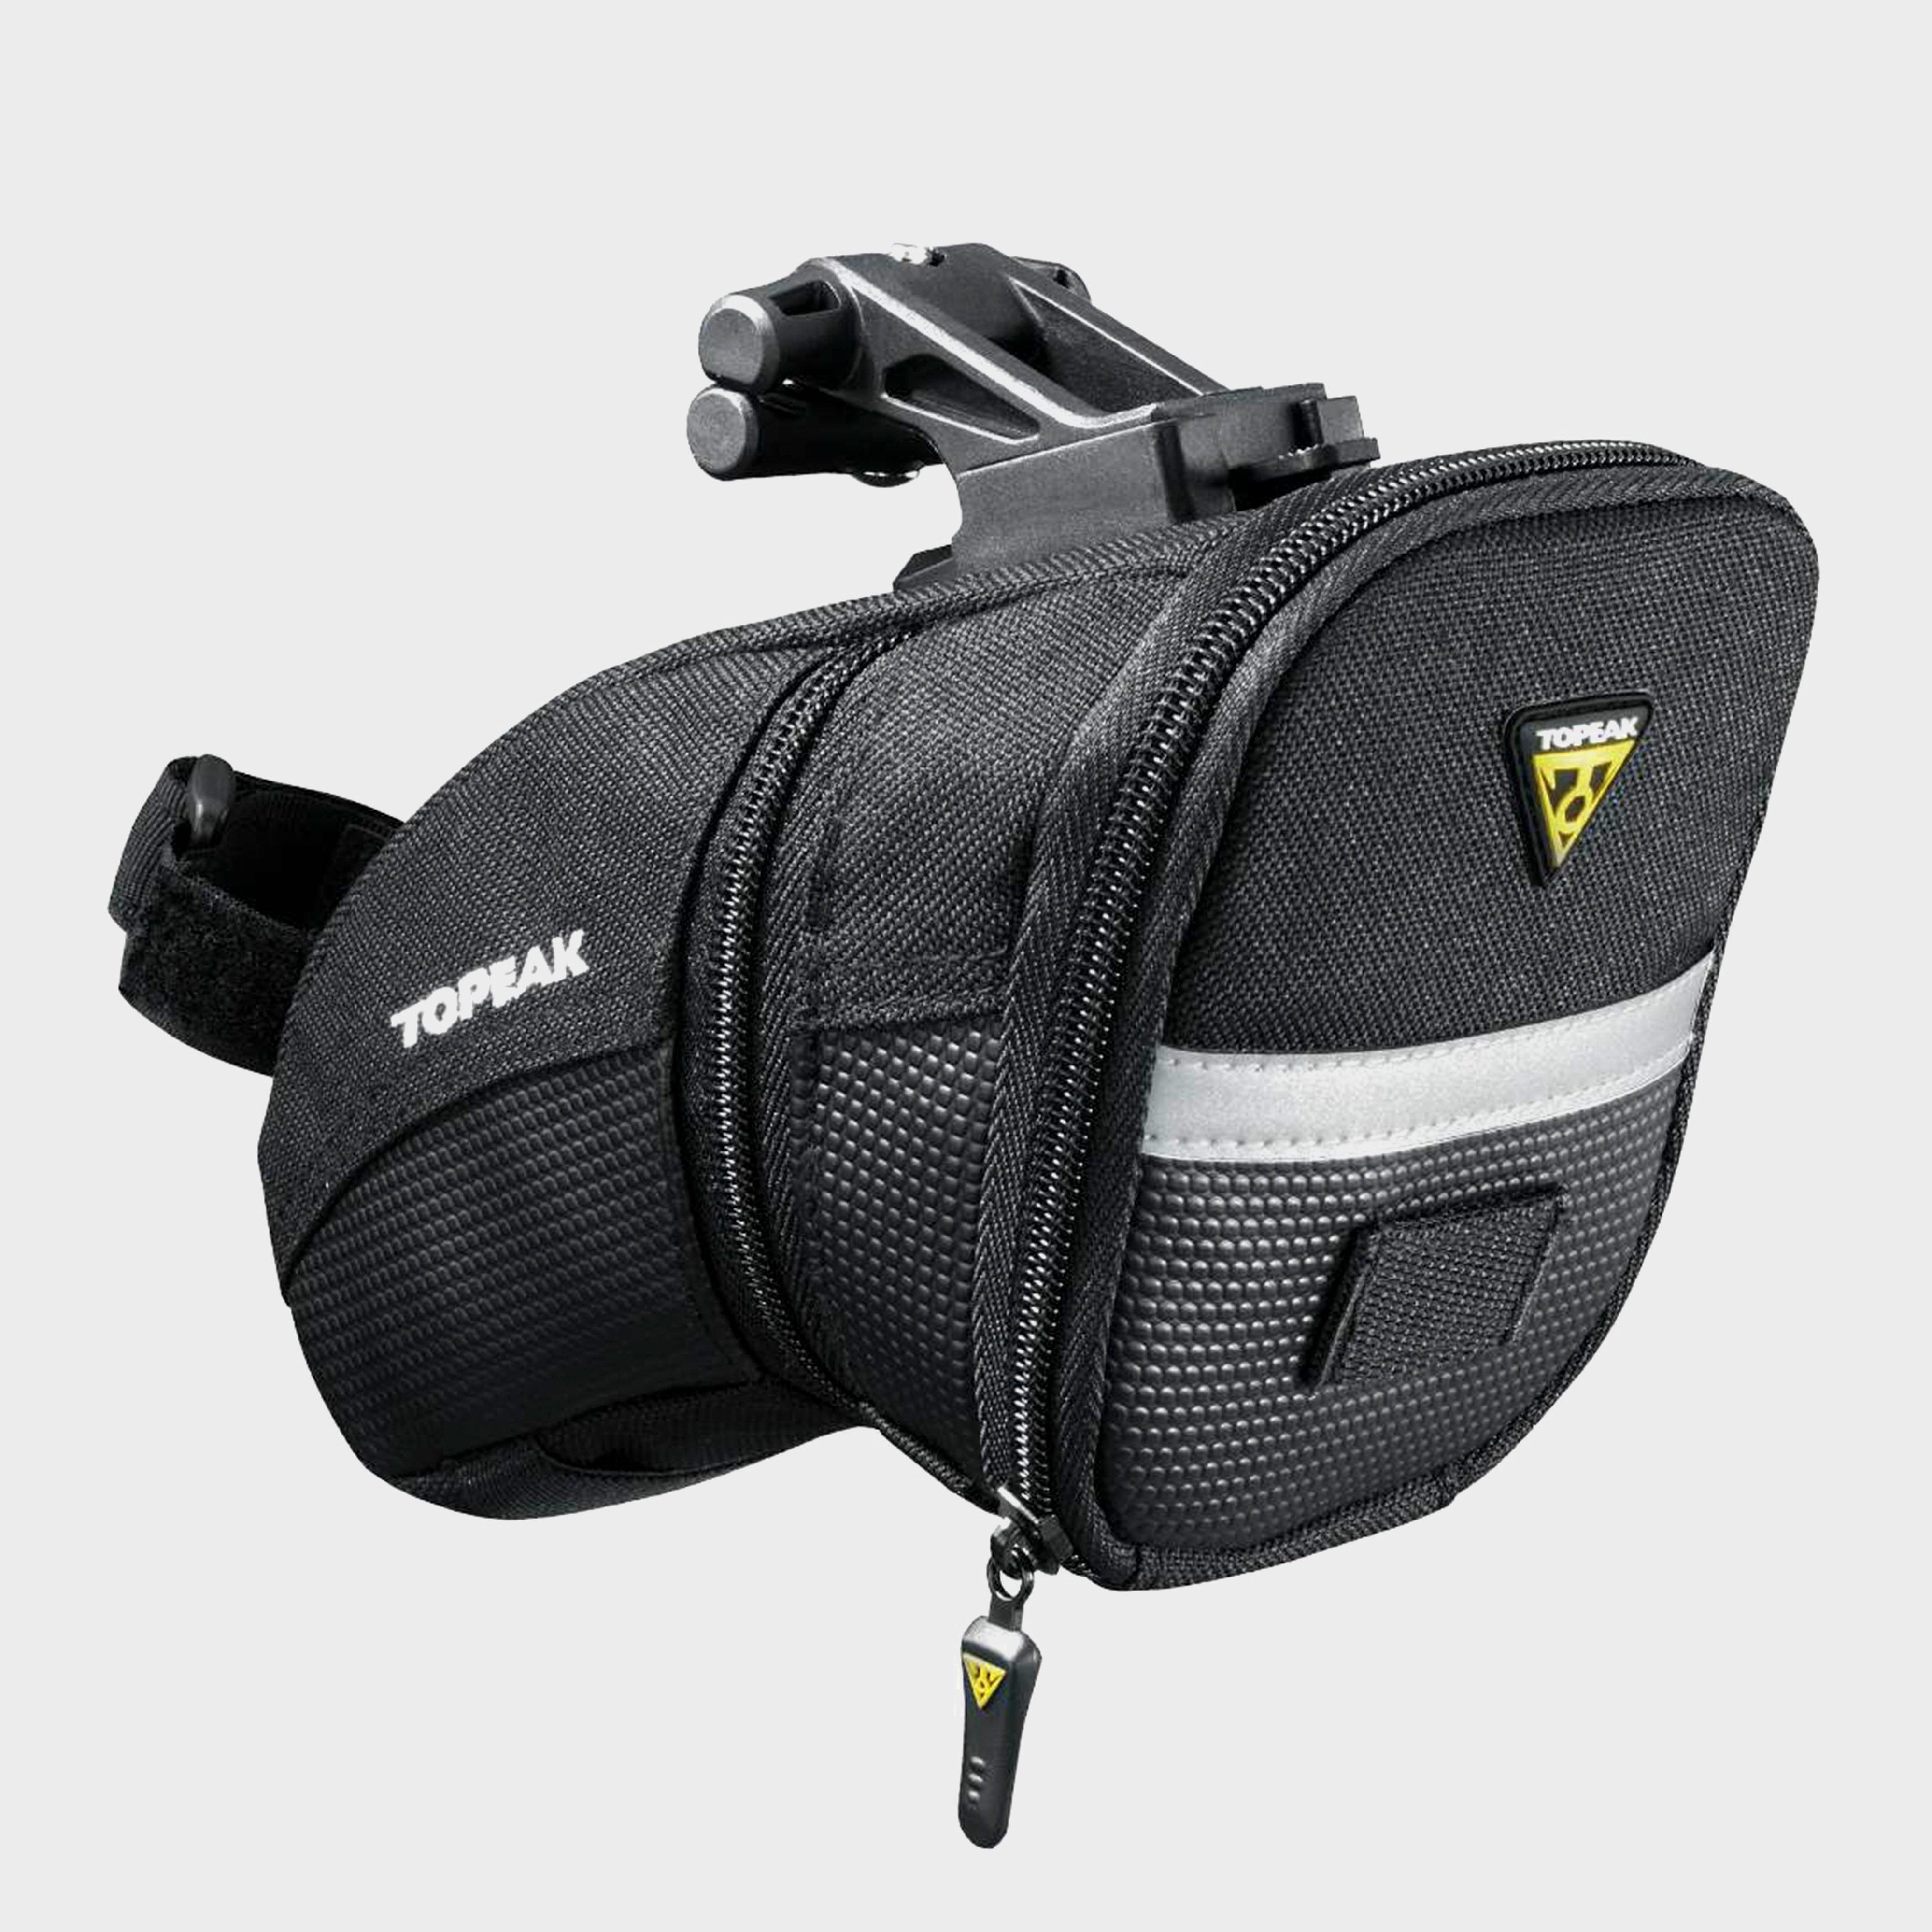 Topeak Aero Wedge Quick Clip Saddle Bag (Medium) Black